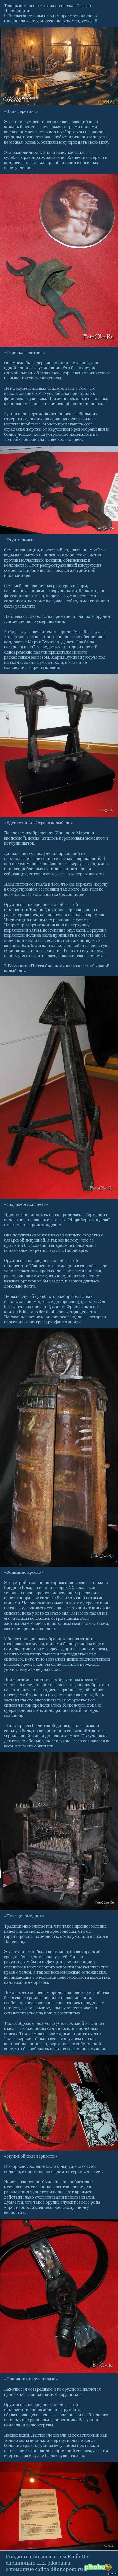 � ������ ������ ����������, ����������� � ����� http://pikabu.ru/story/_2574798   ����������, �����, �����, �������, ����������